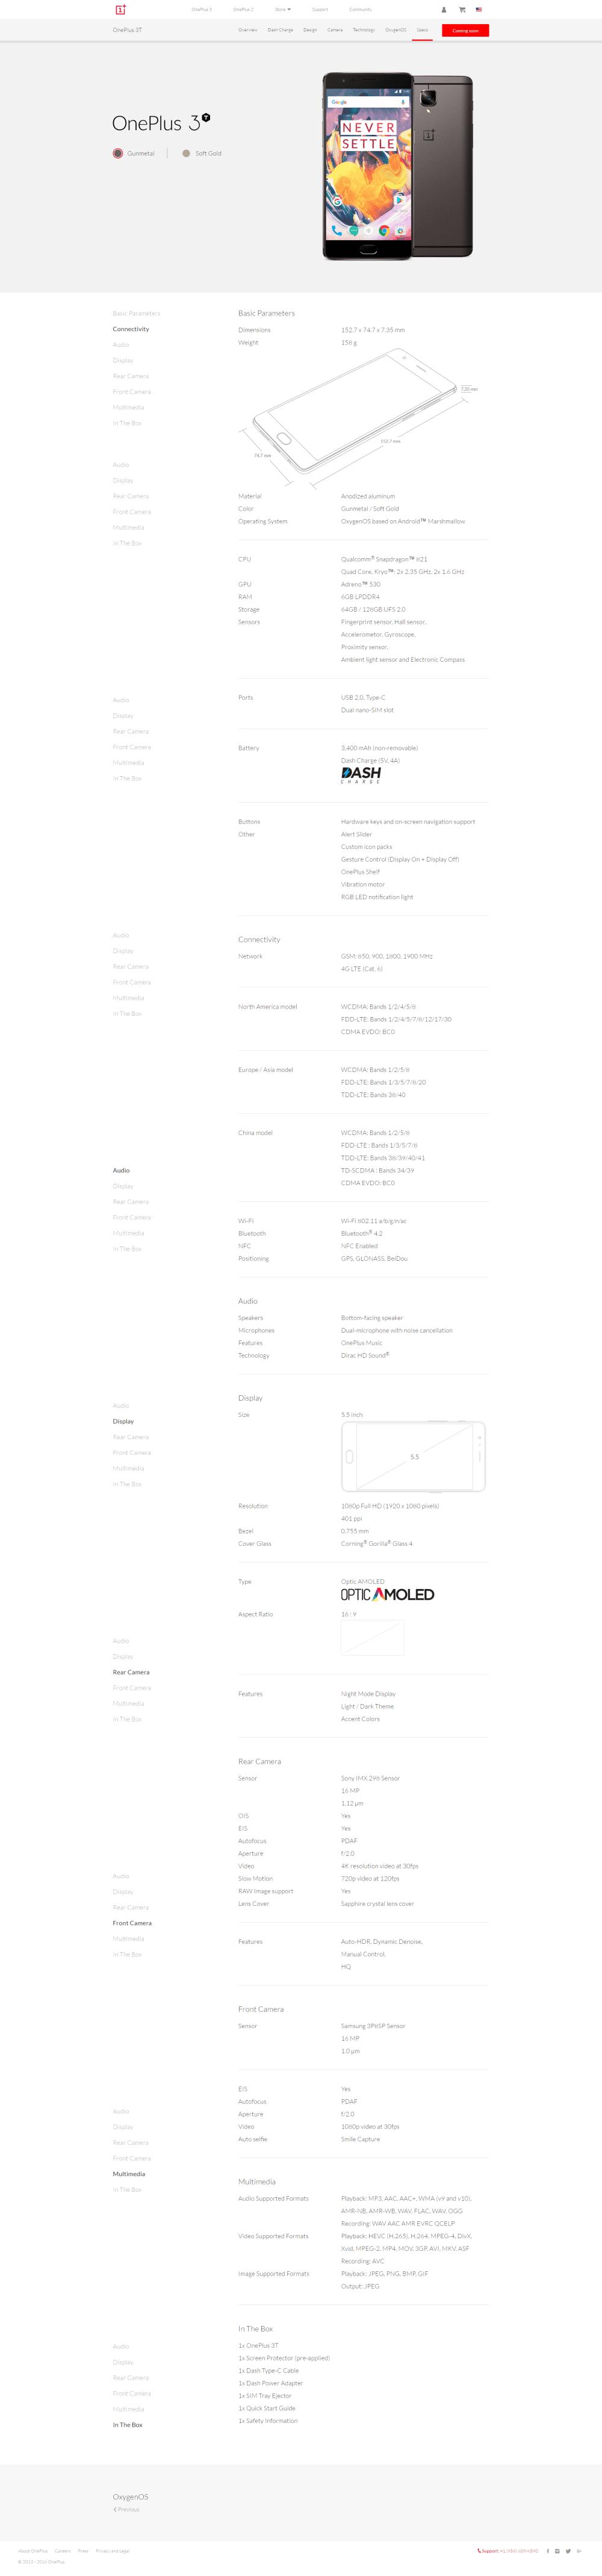 Specyfikacja OnePlus 3T